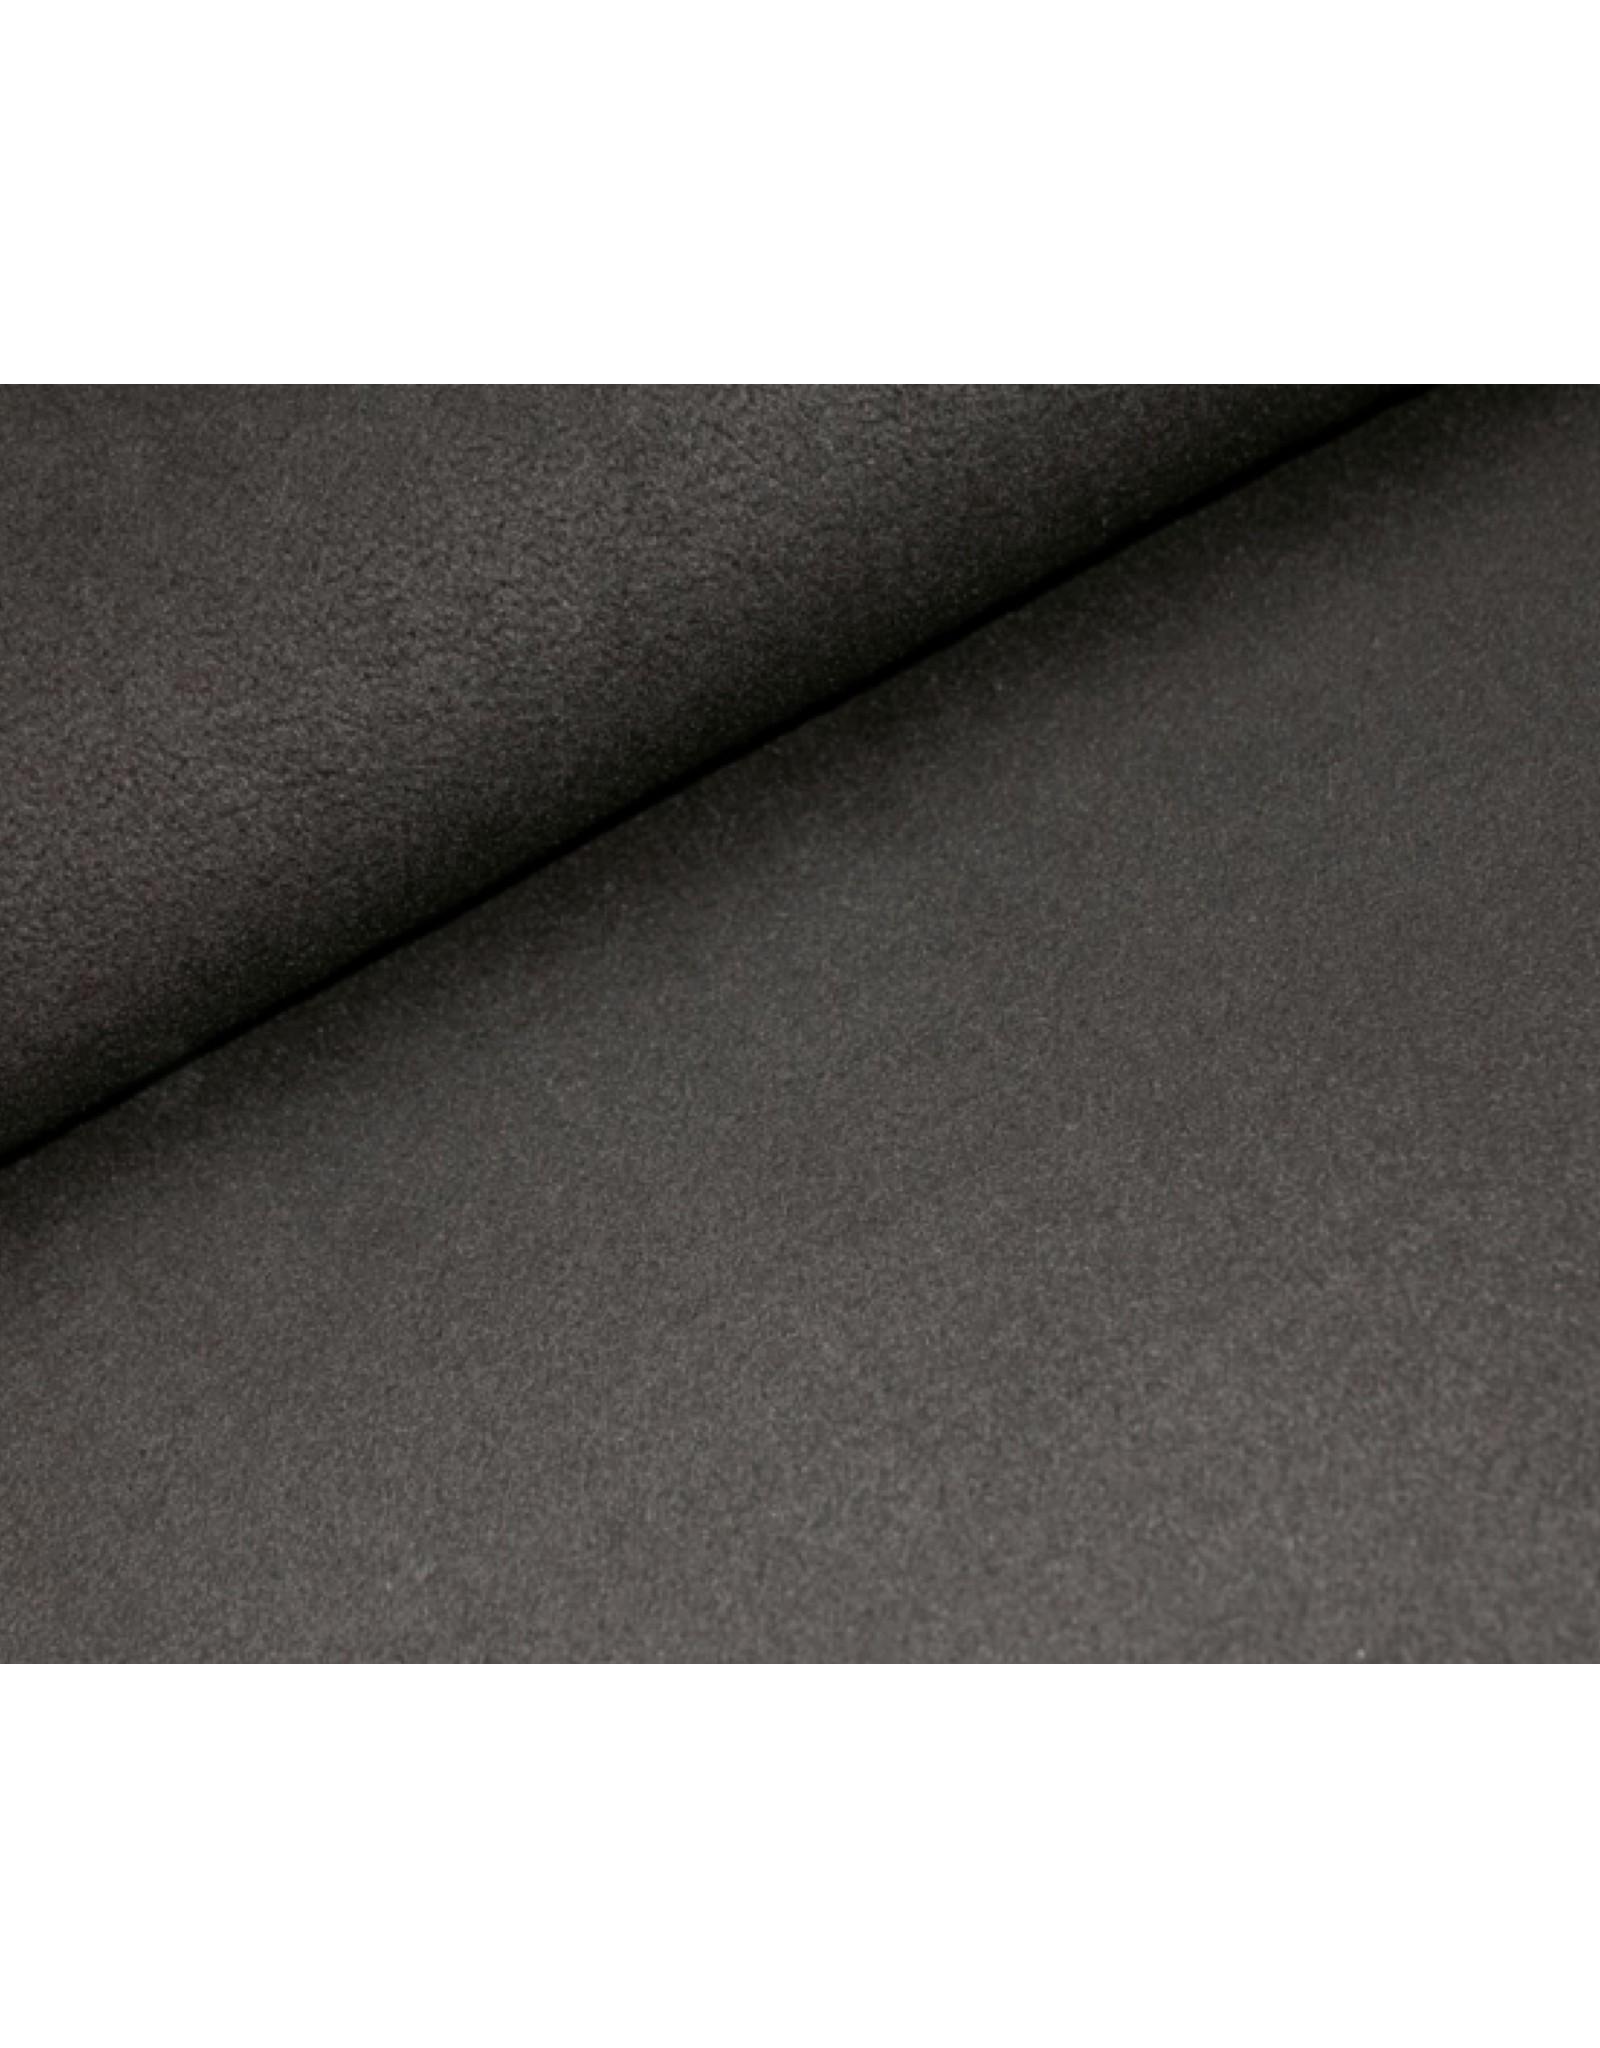 Polar Fleece stof Zwart